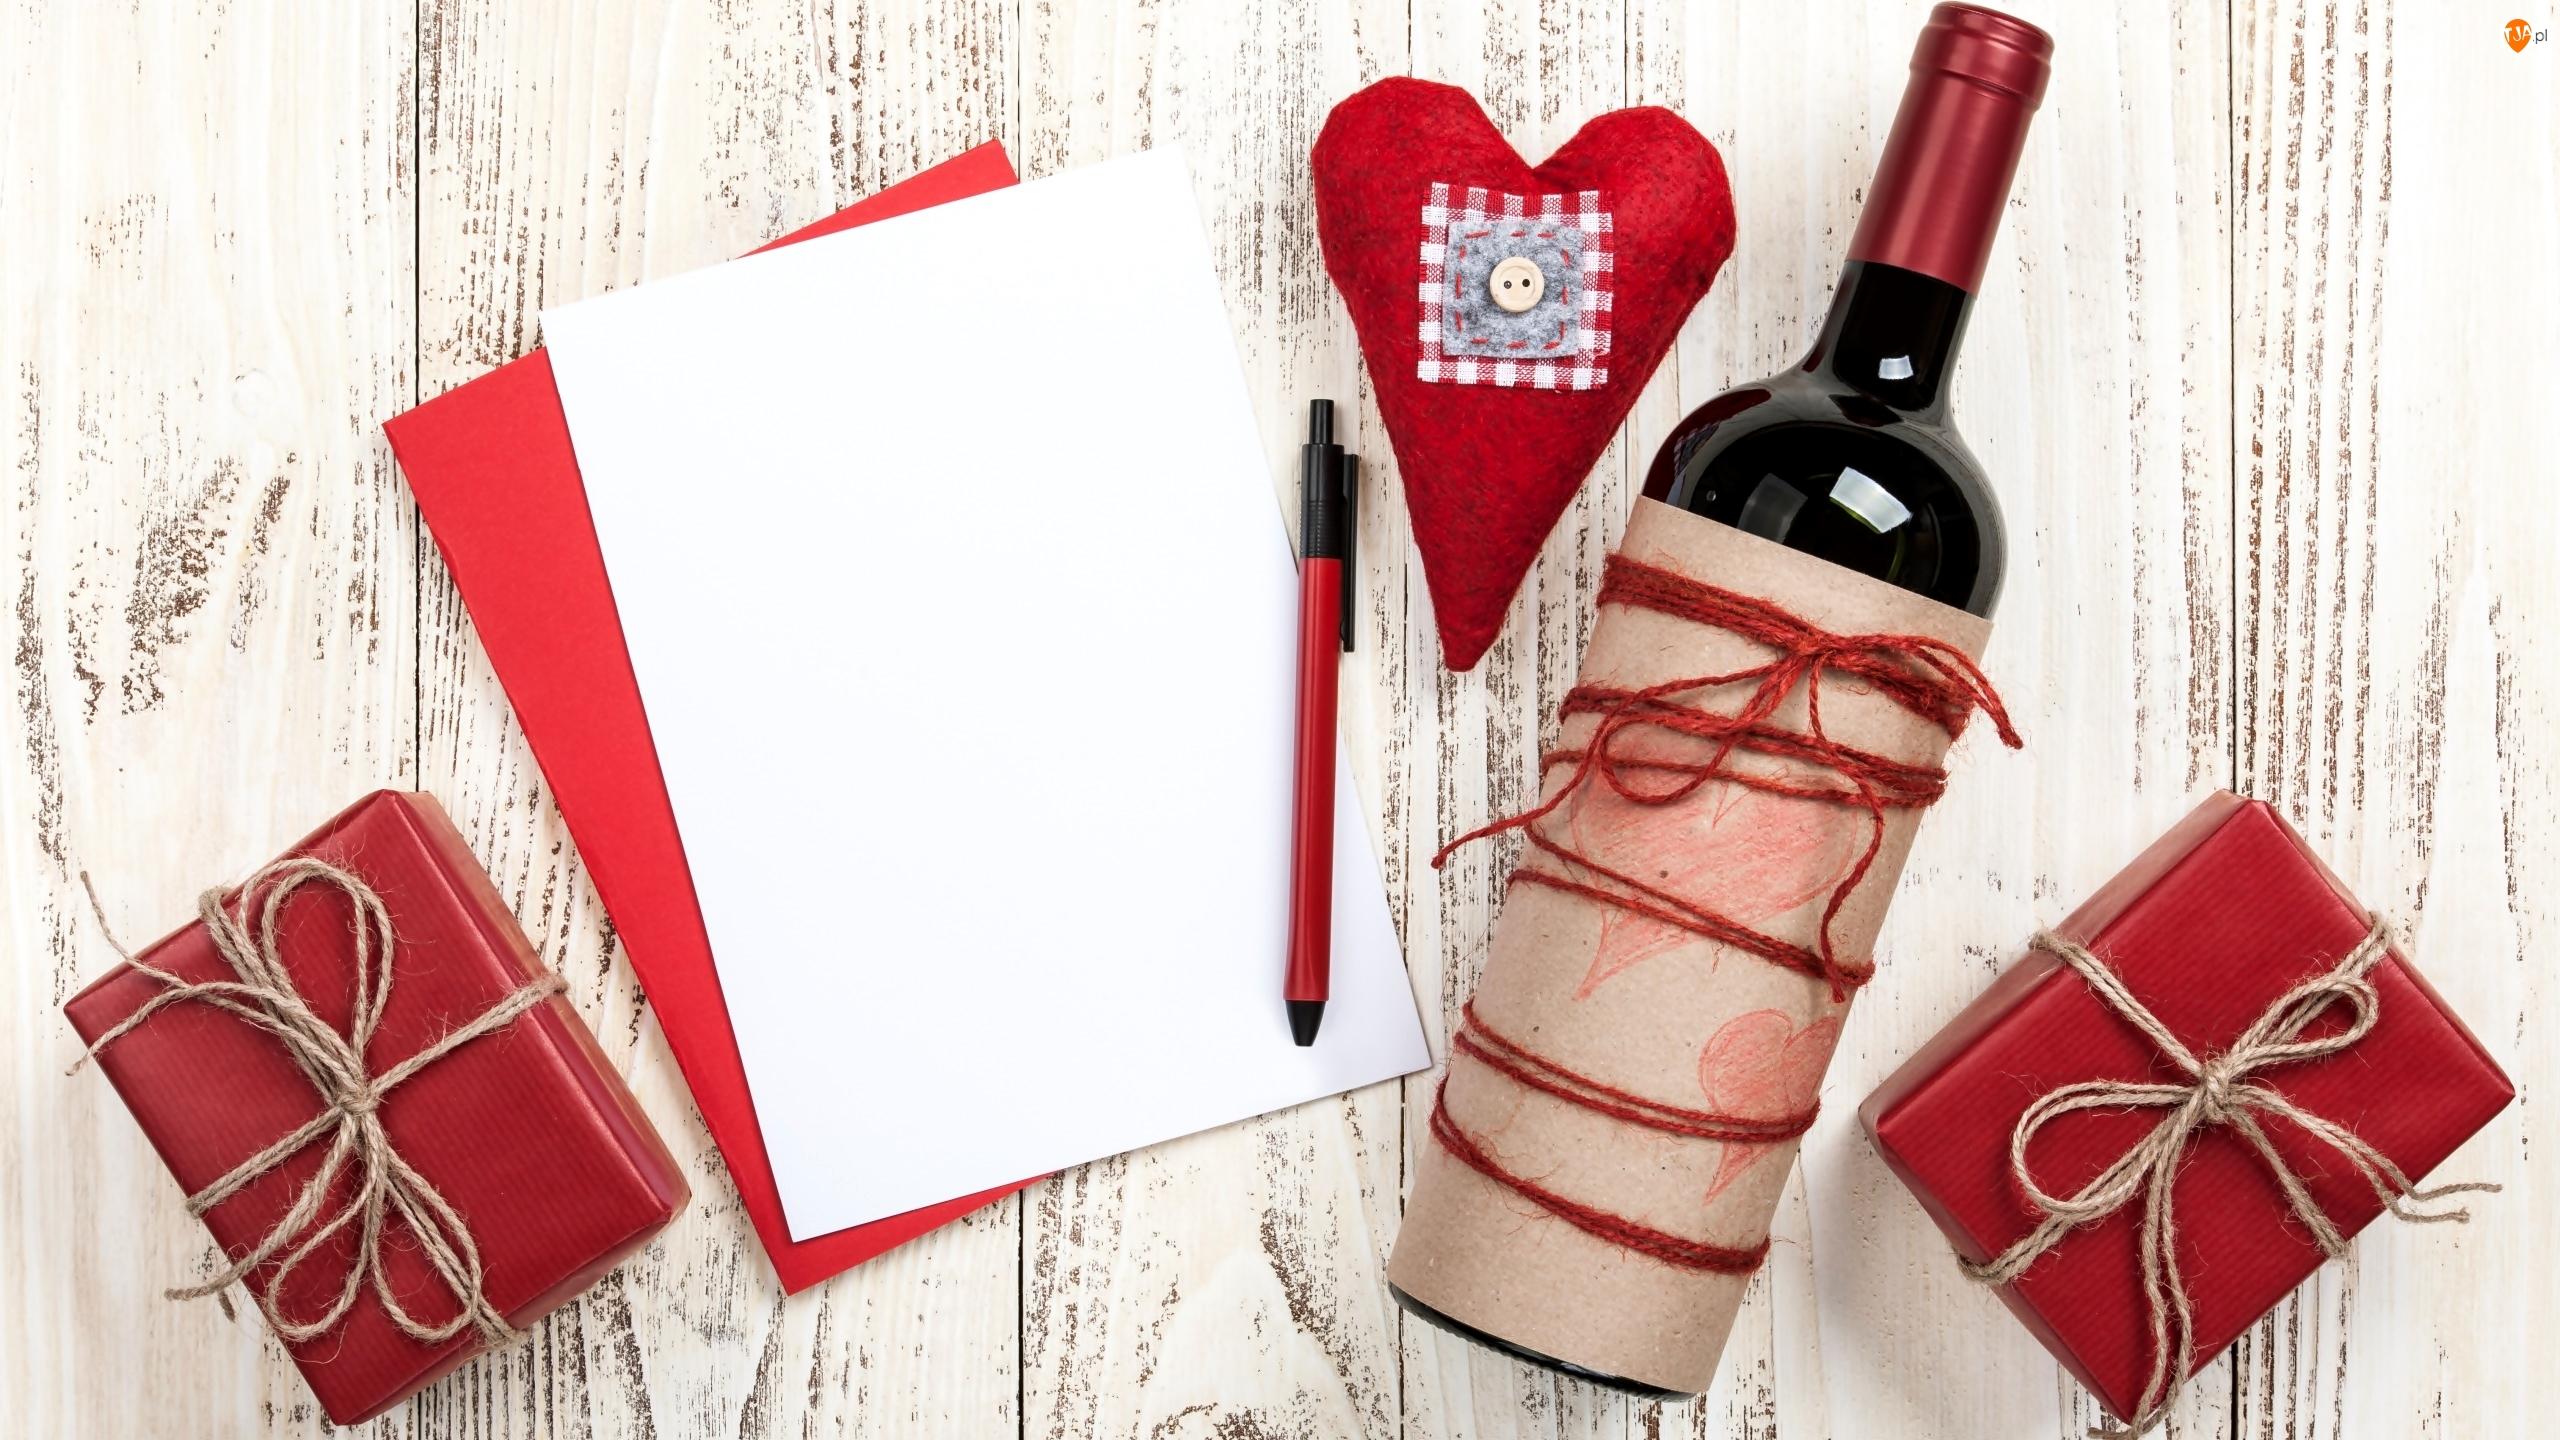 Deski, Kartka, Wino, Serce, Butelka, Biała, Czerwona, Prezenty, Długopis